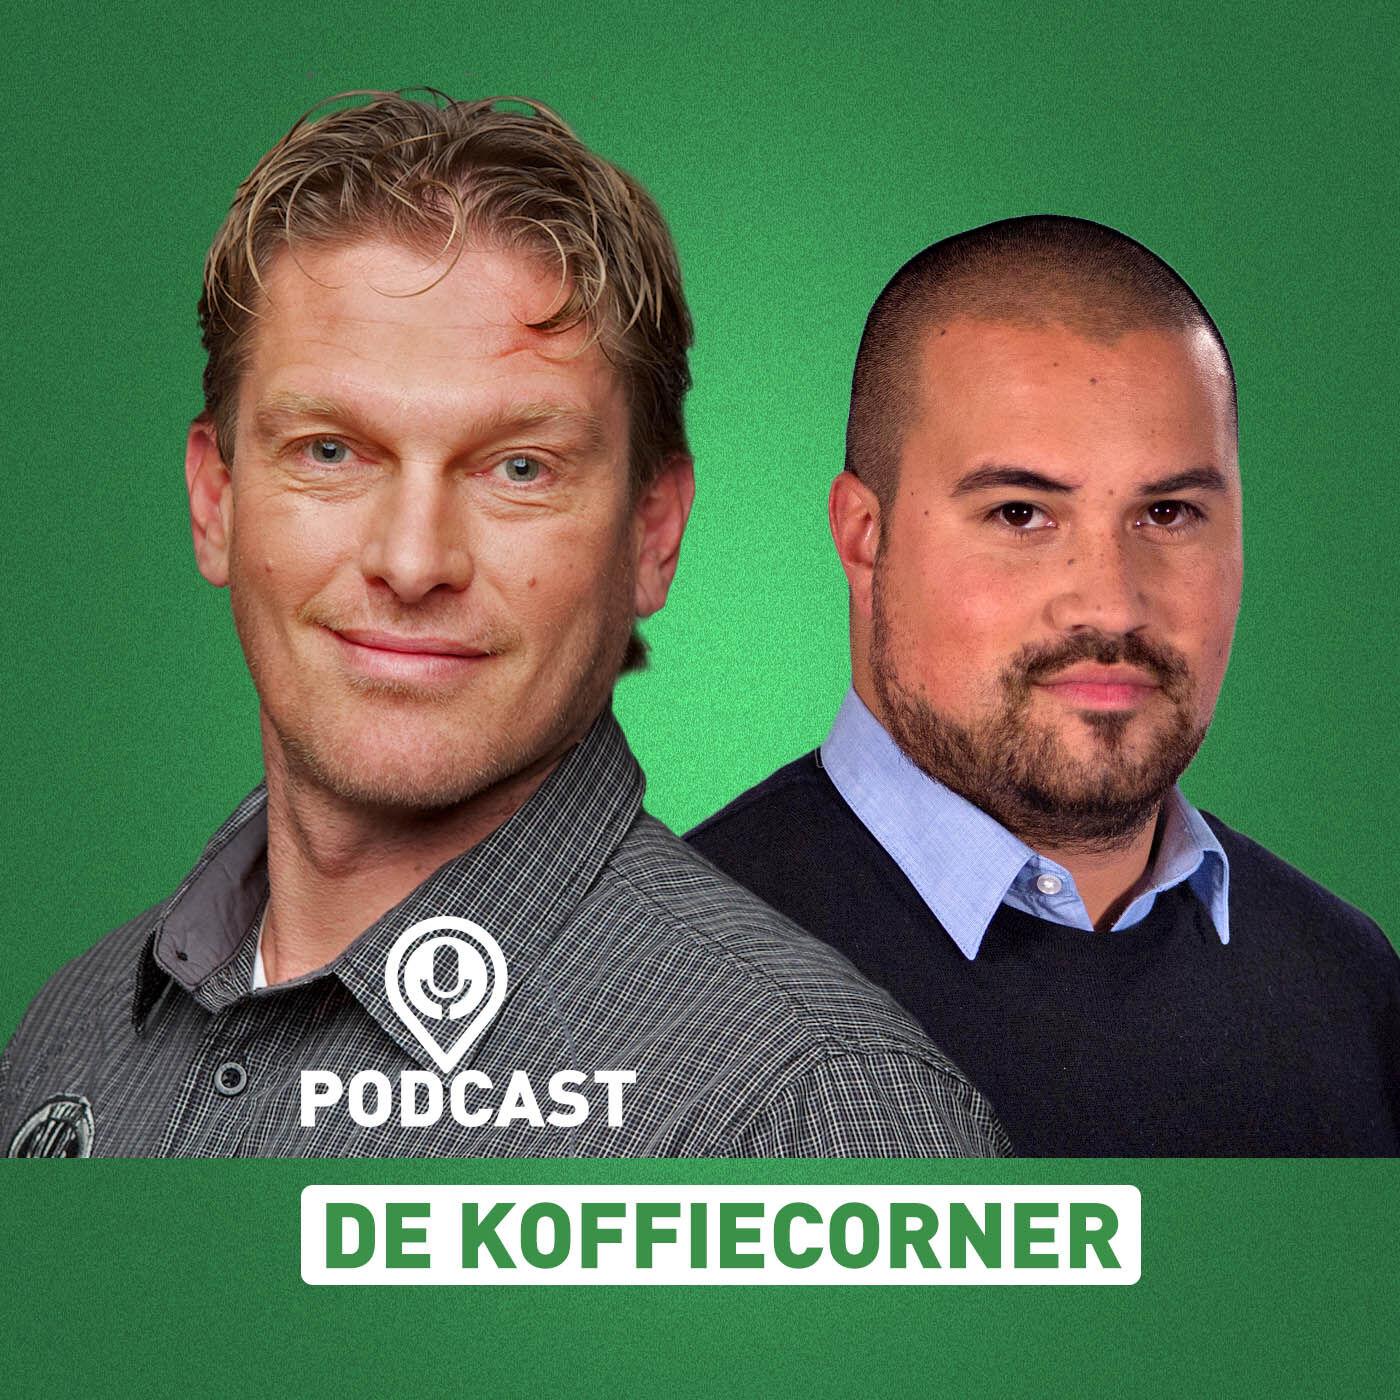 De Koffiecorner #23: Martin wil Sierhuis altijd in de basis en Lycurgus blijft topclub